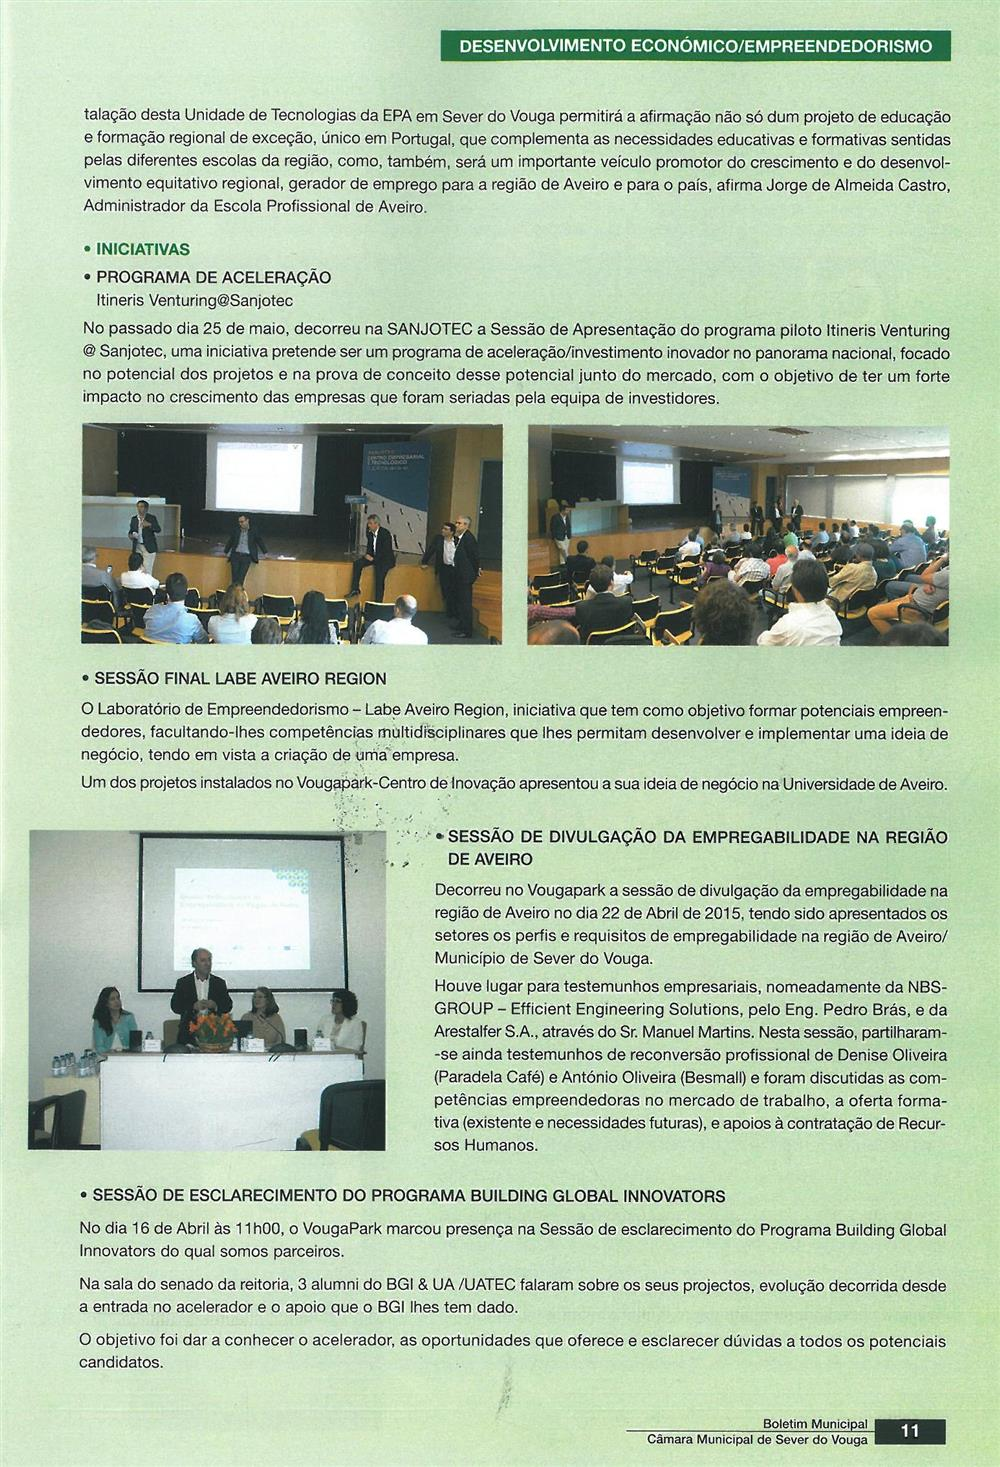 BoletimMunicipal-n.º32-nov.'15-p.11-VougaPark [3.ª parte de sete] : desenvolvimento económico : empreendedorismo.jpg